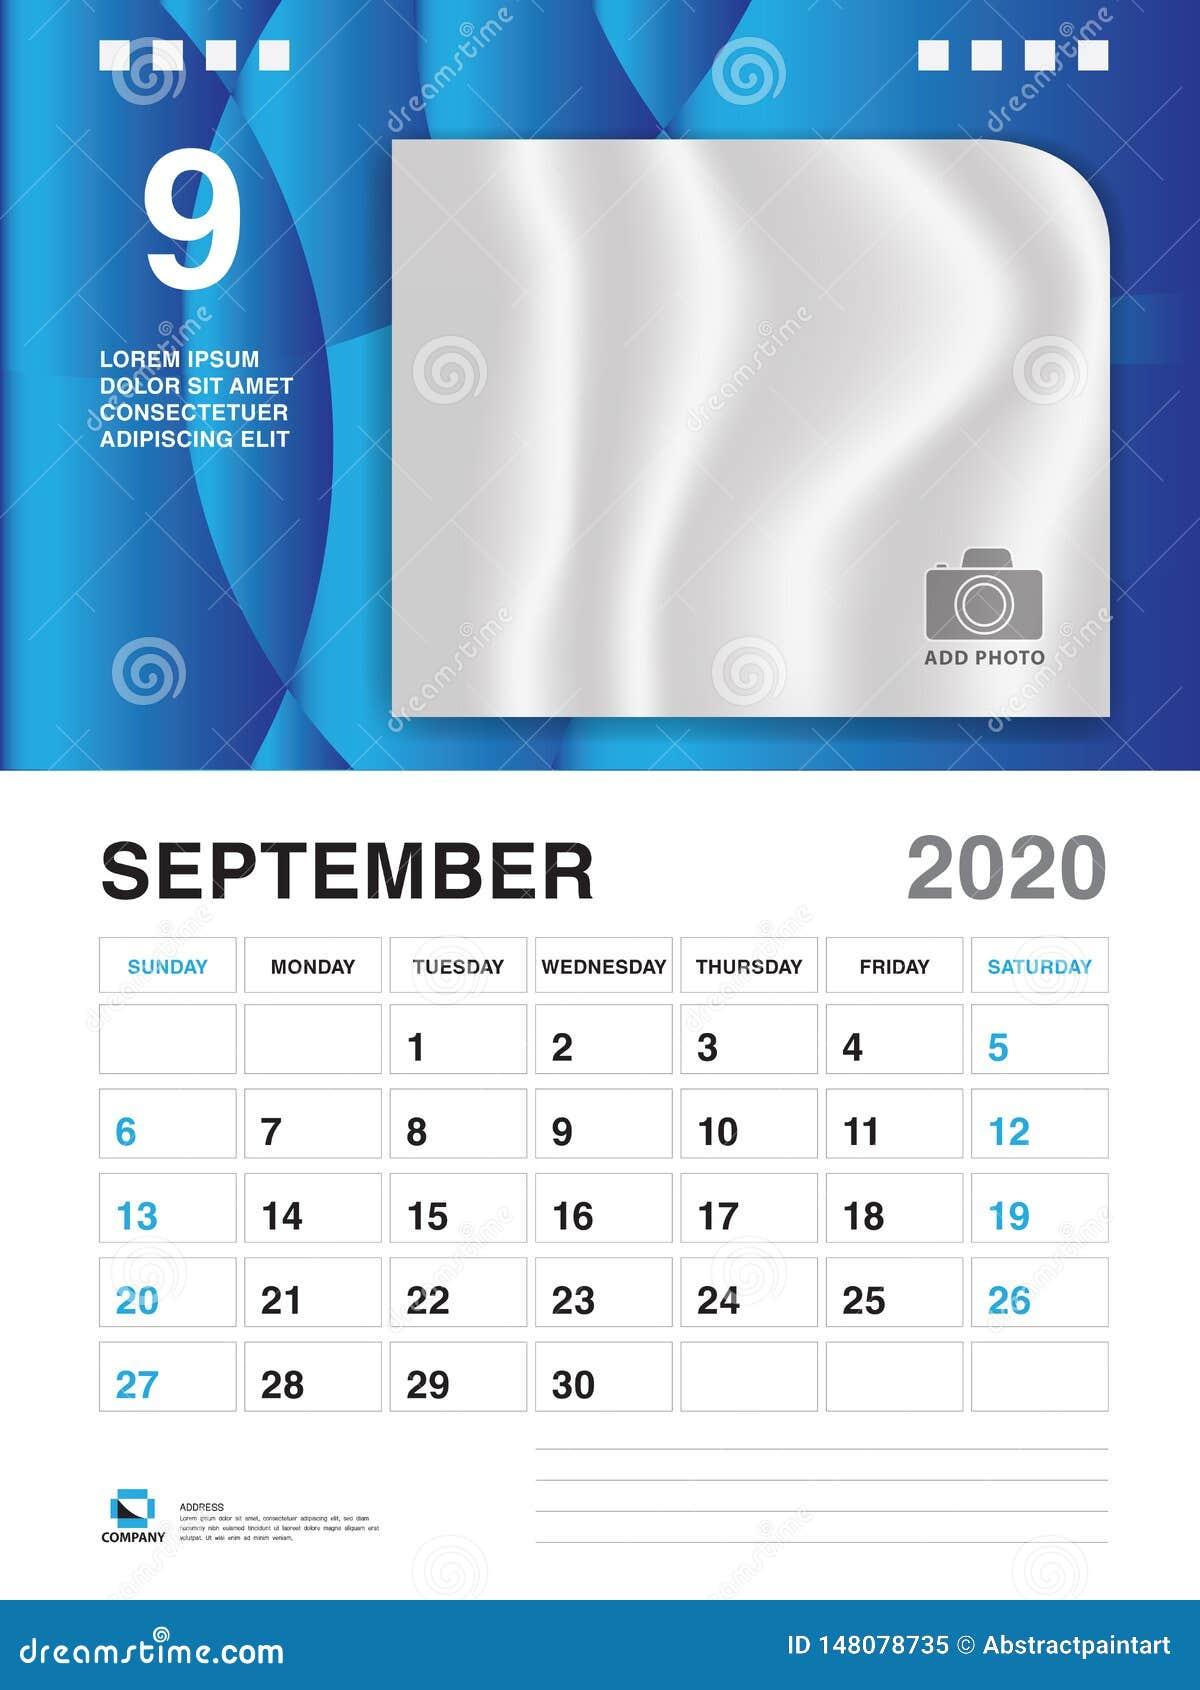 Calendrier 2020 Fete Des Meres.Septembre 2020 Calibre D Annee Vecteur Du Calendrier 2020